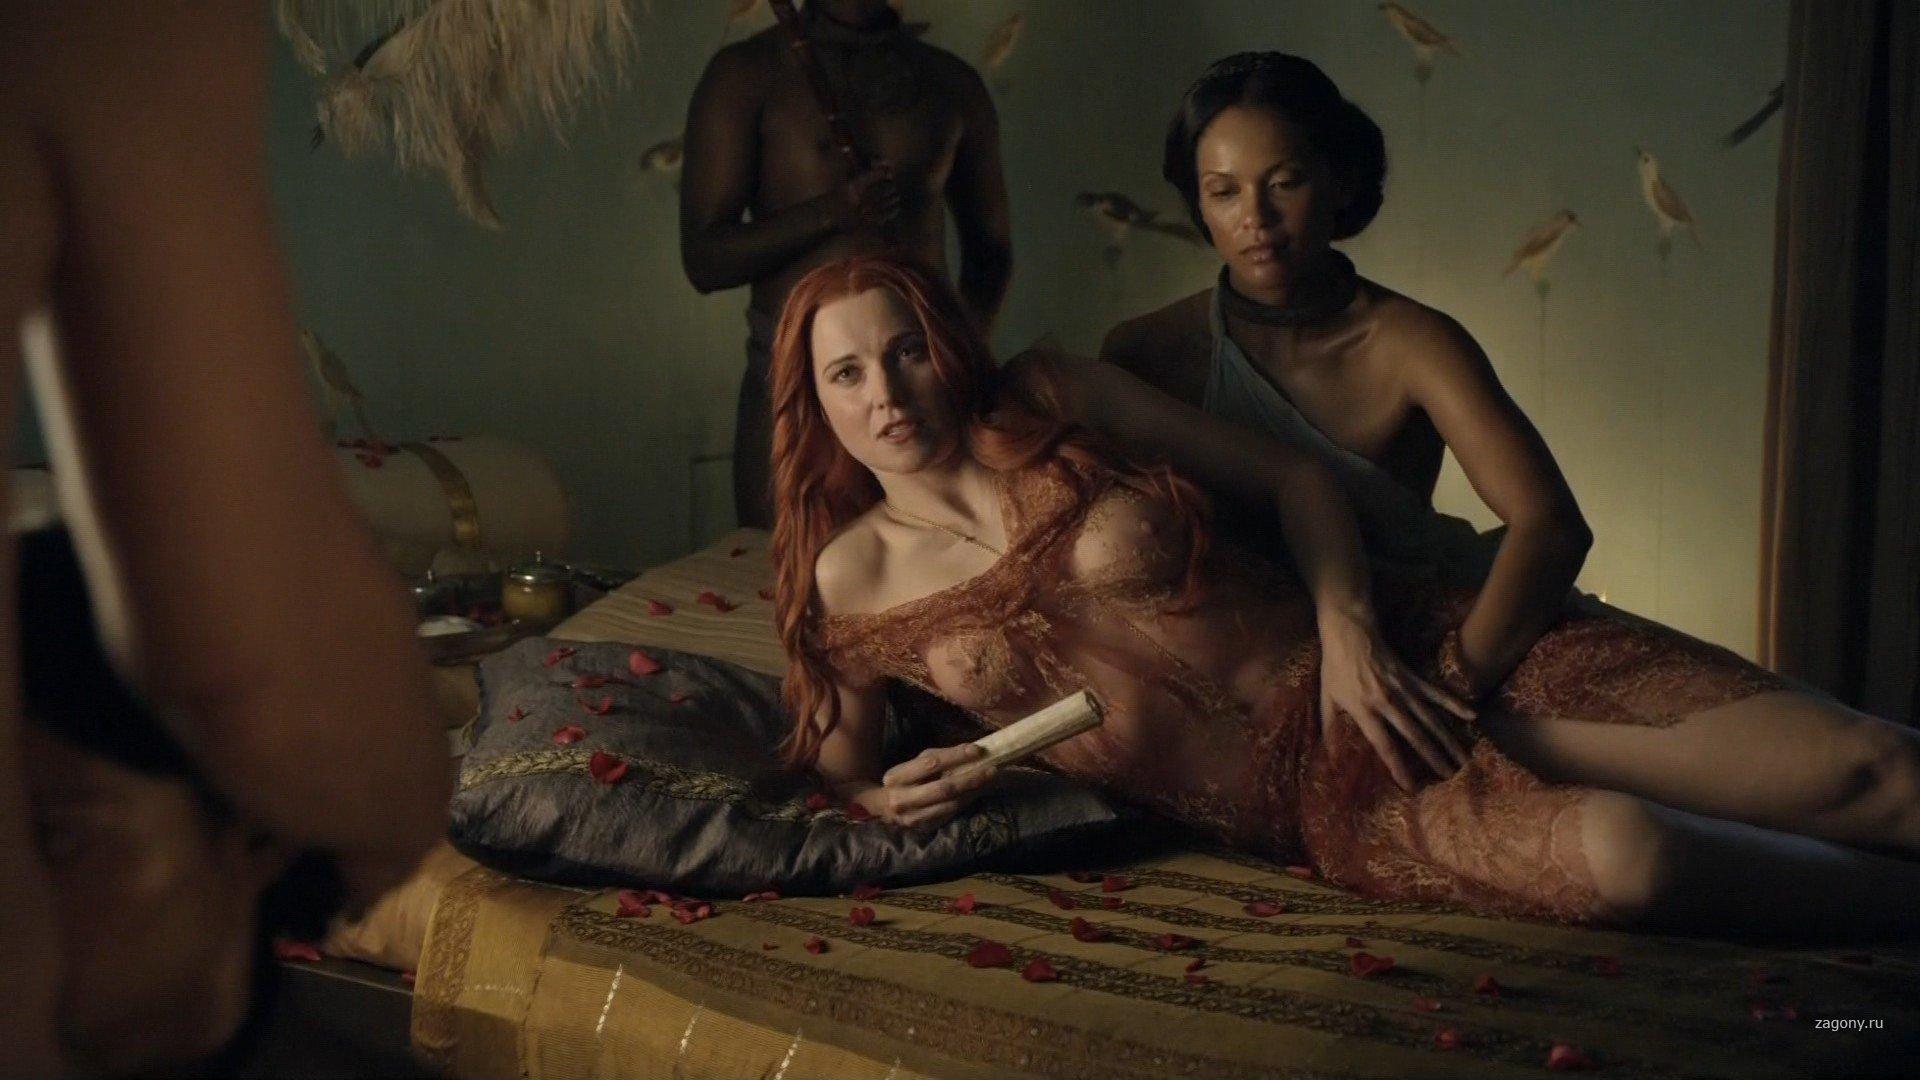 Секс американски онлайн бесплатно в хорошем качестве 16 фотография